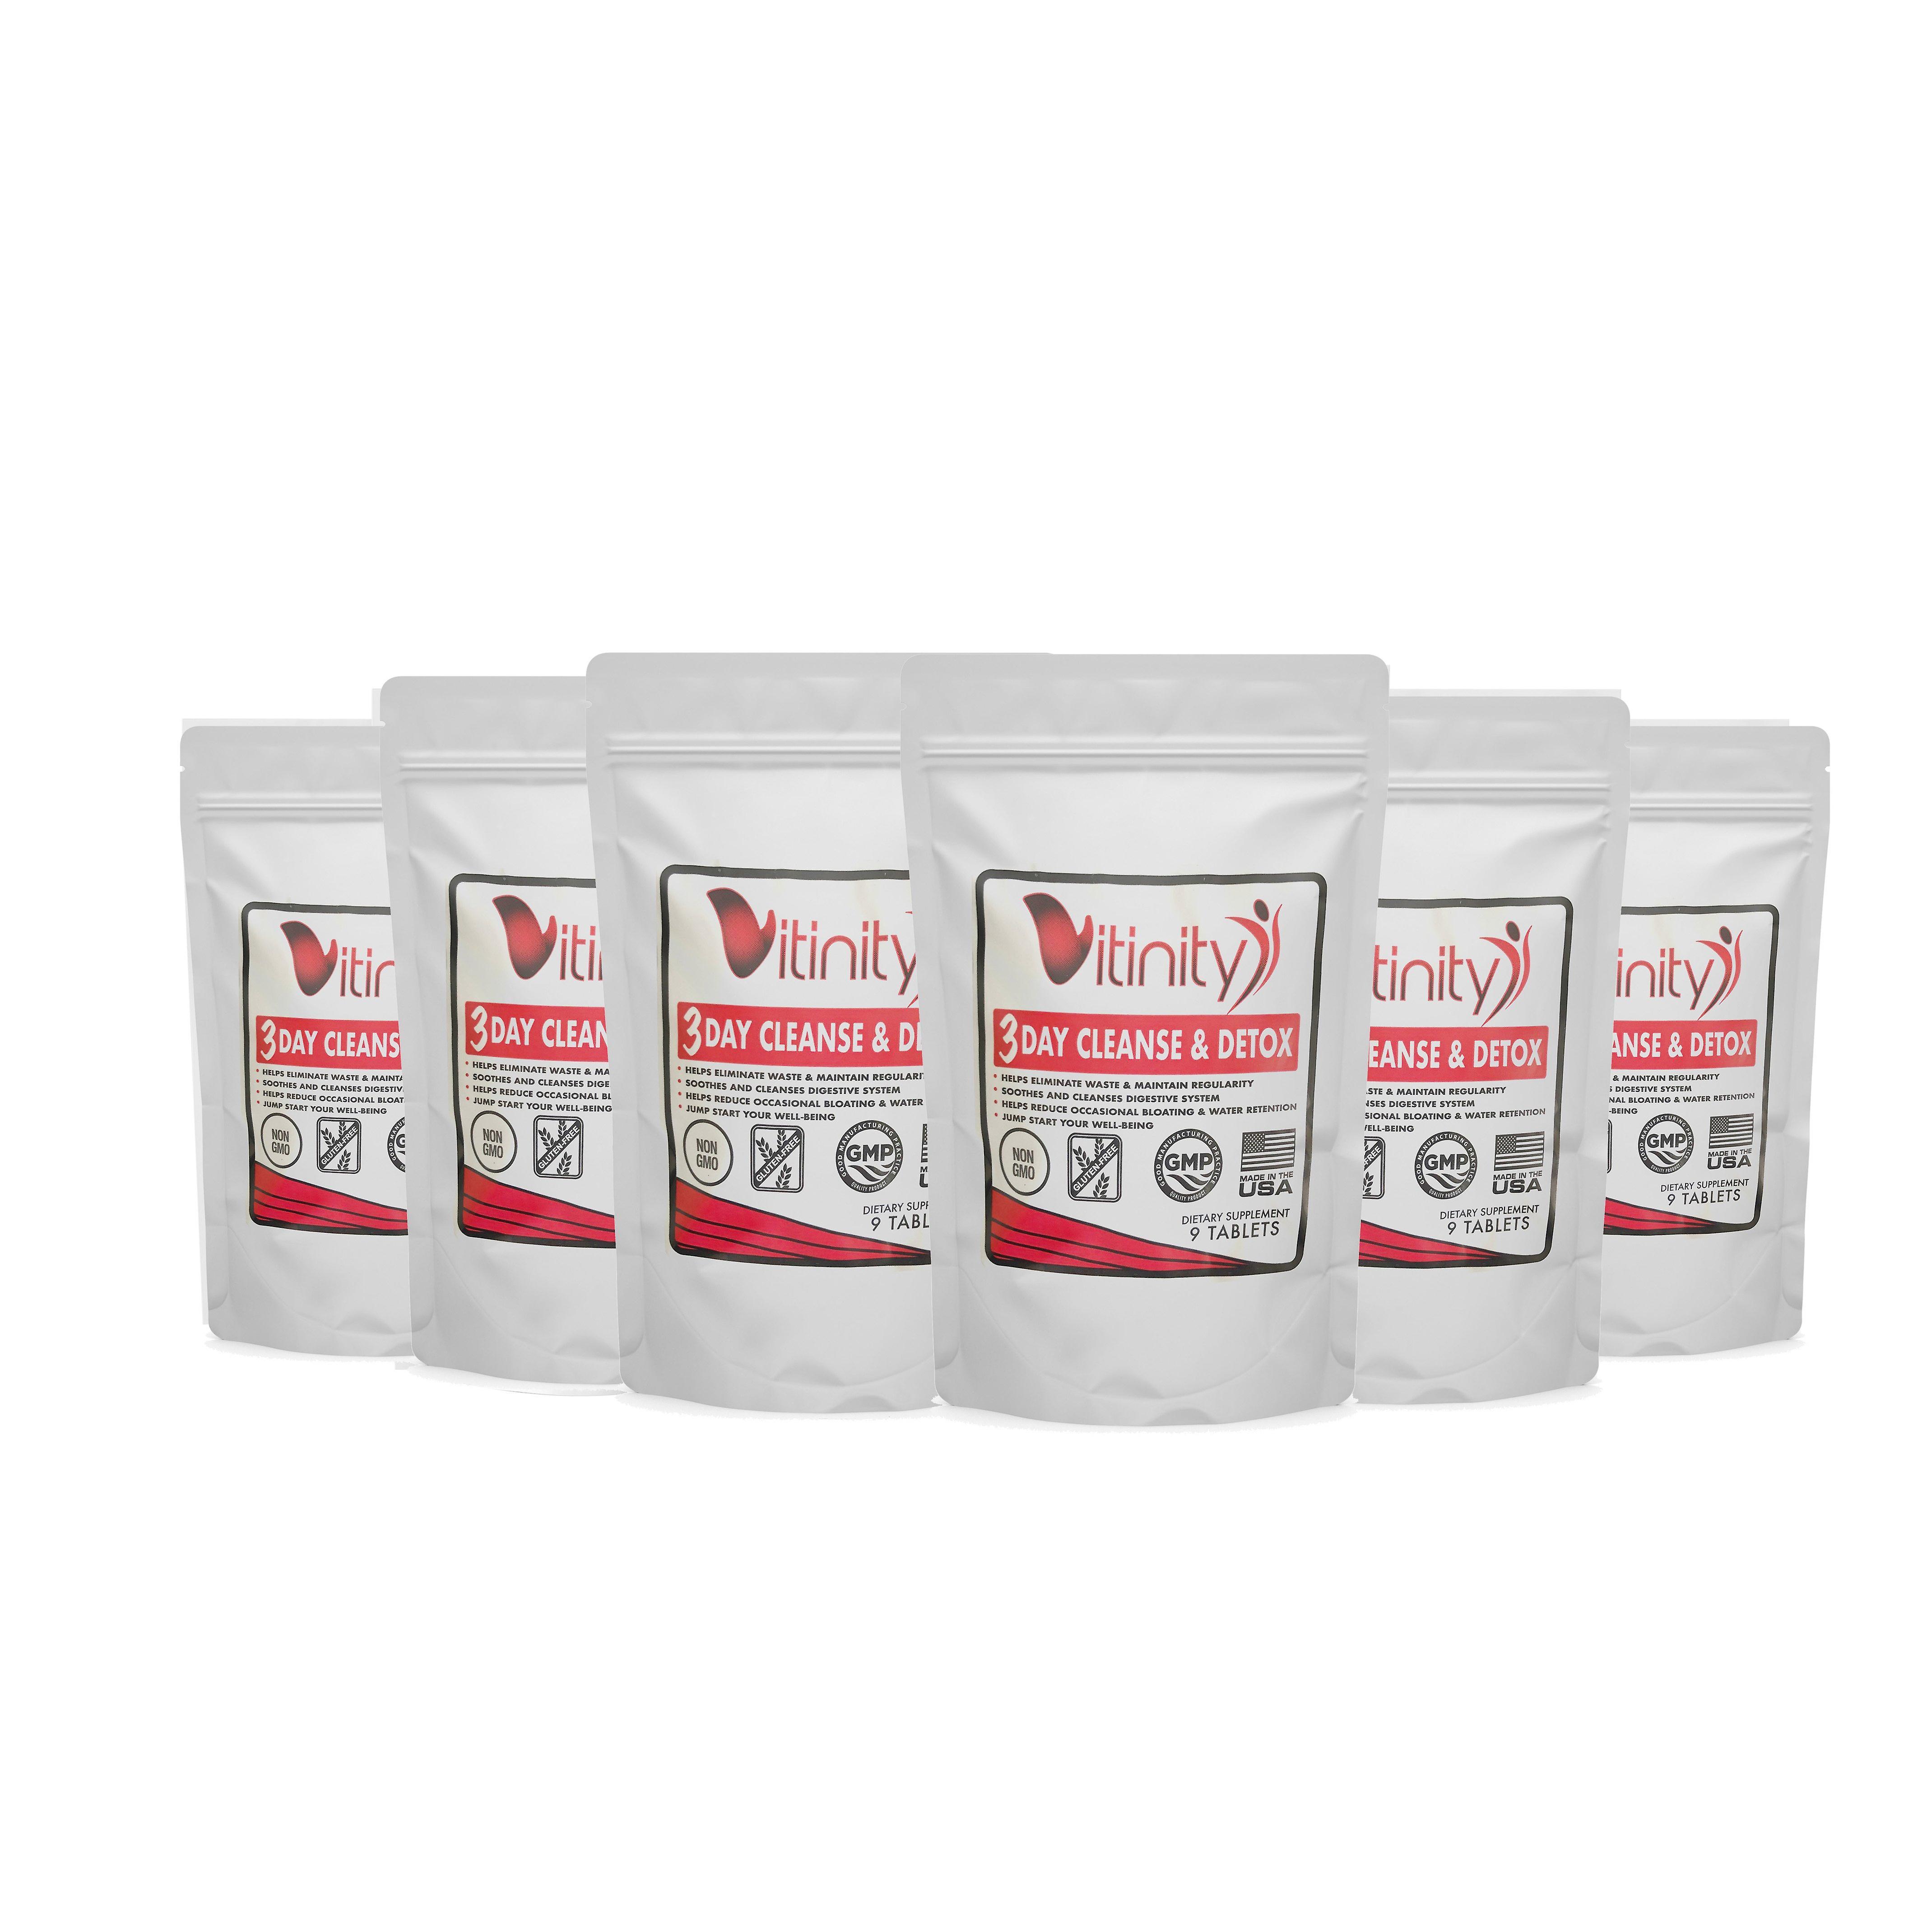 3 dagen detox-natuurlijke hele lichaam-Colon Cleanse voor spijsvertering gezondheid-6 pack